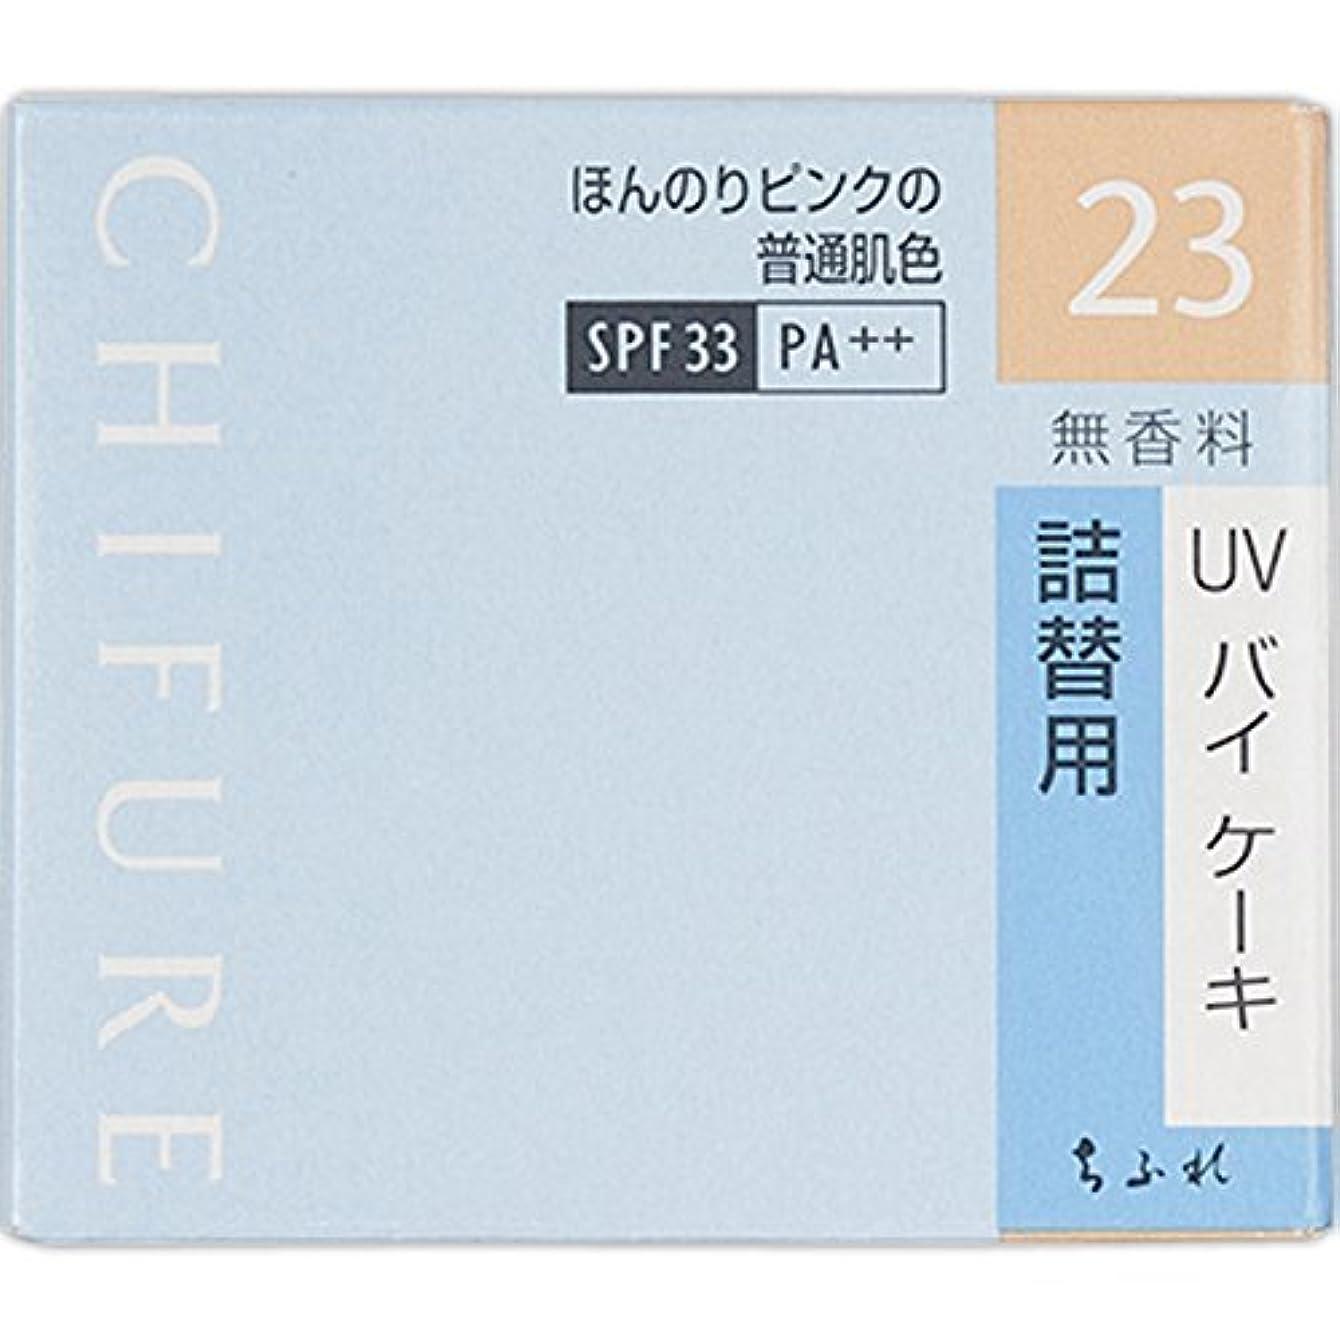 誰トレード補体ちふれ化粧品 UV バイ ケーキ 詰替用 23 ほんのりピンク普通肌色 14g